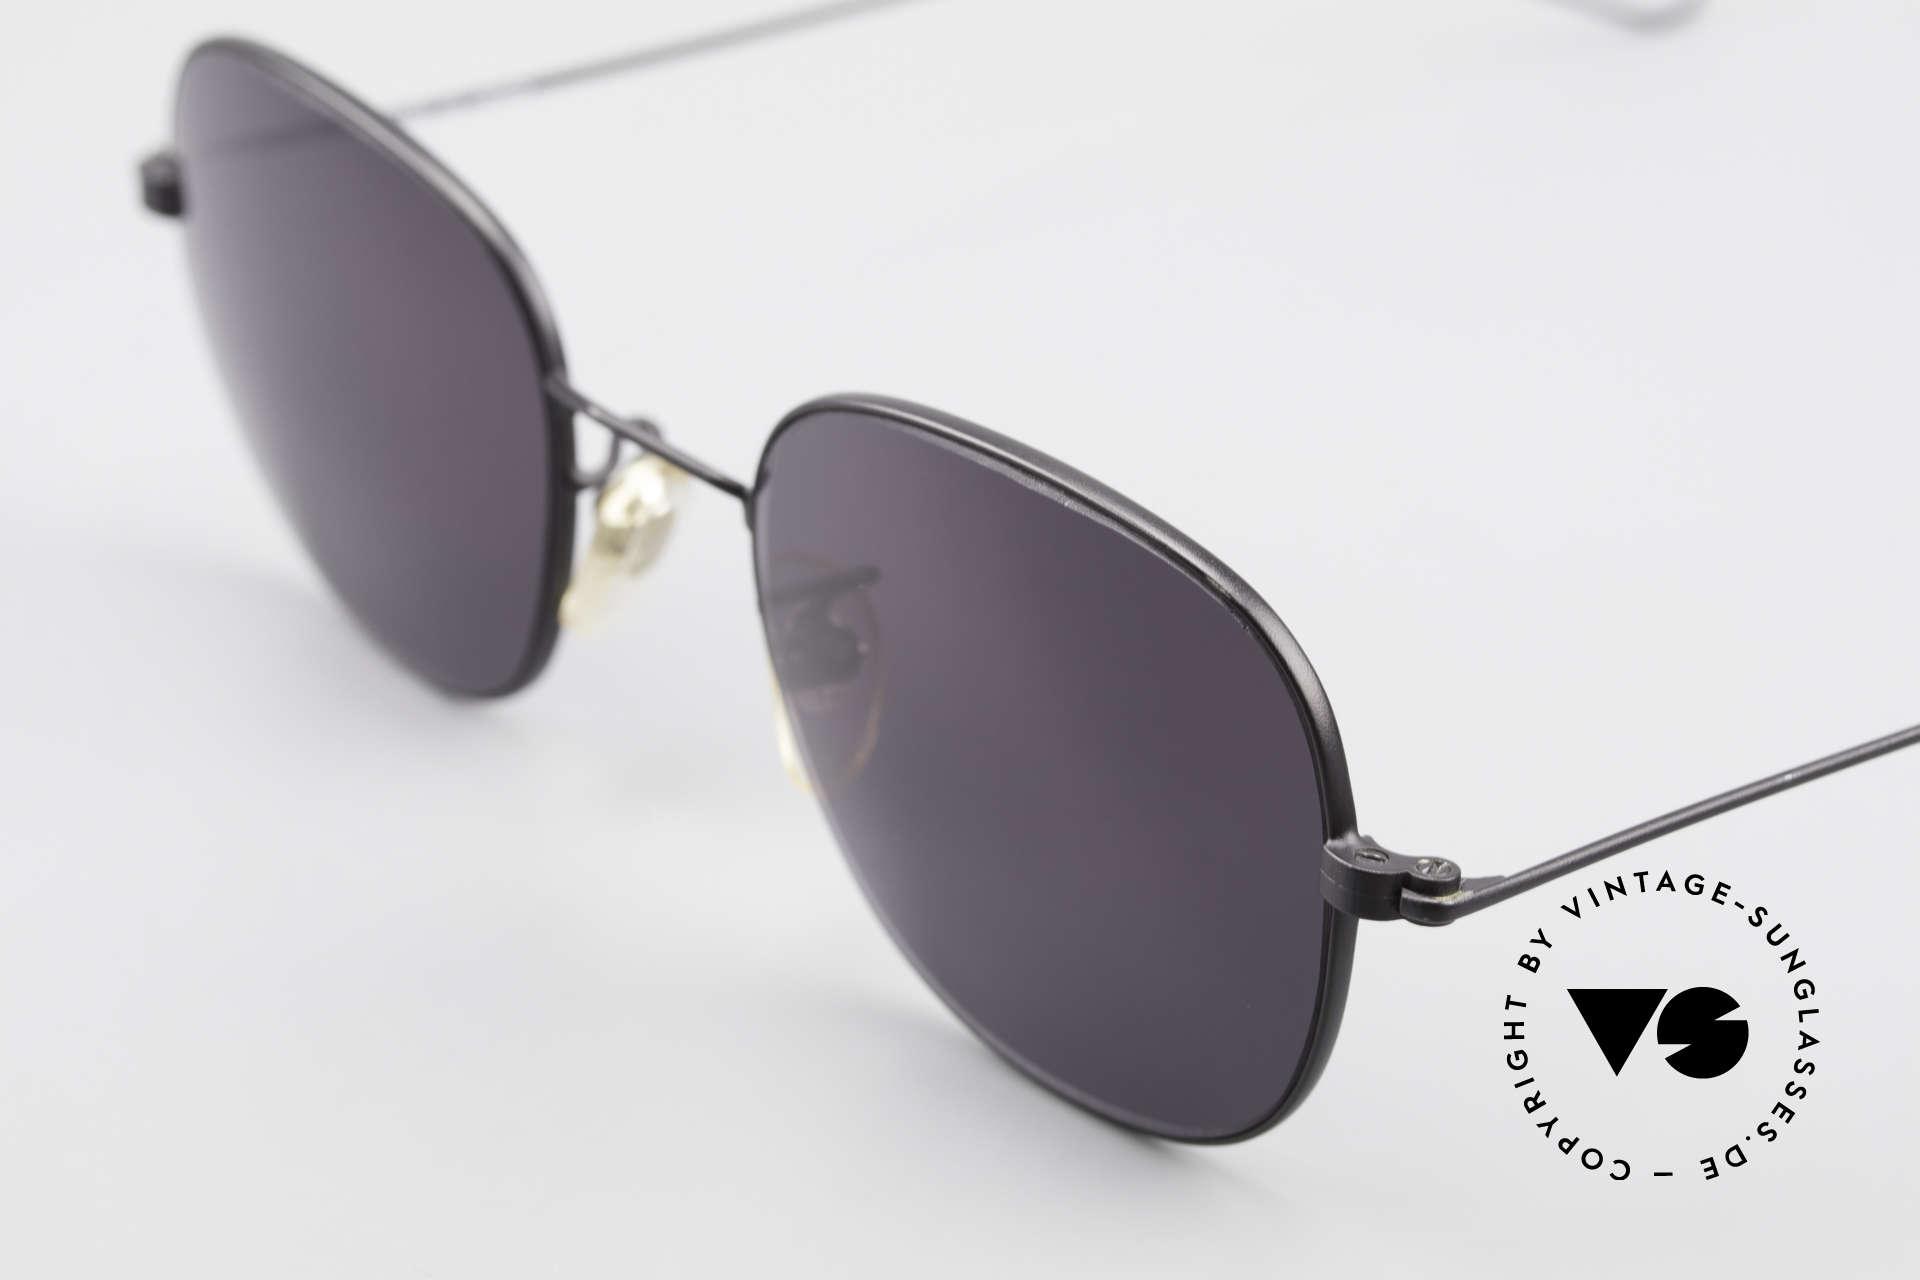 Cutler And Gross 0307 Alte Vintage Sonnenbrille 90er, Materialien und deren Verarbeitung auf Spitzen-Niveau, Passend für Herren und Damen